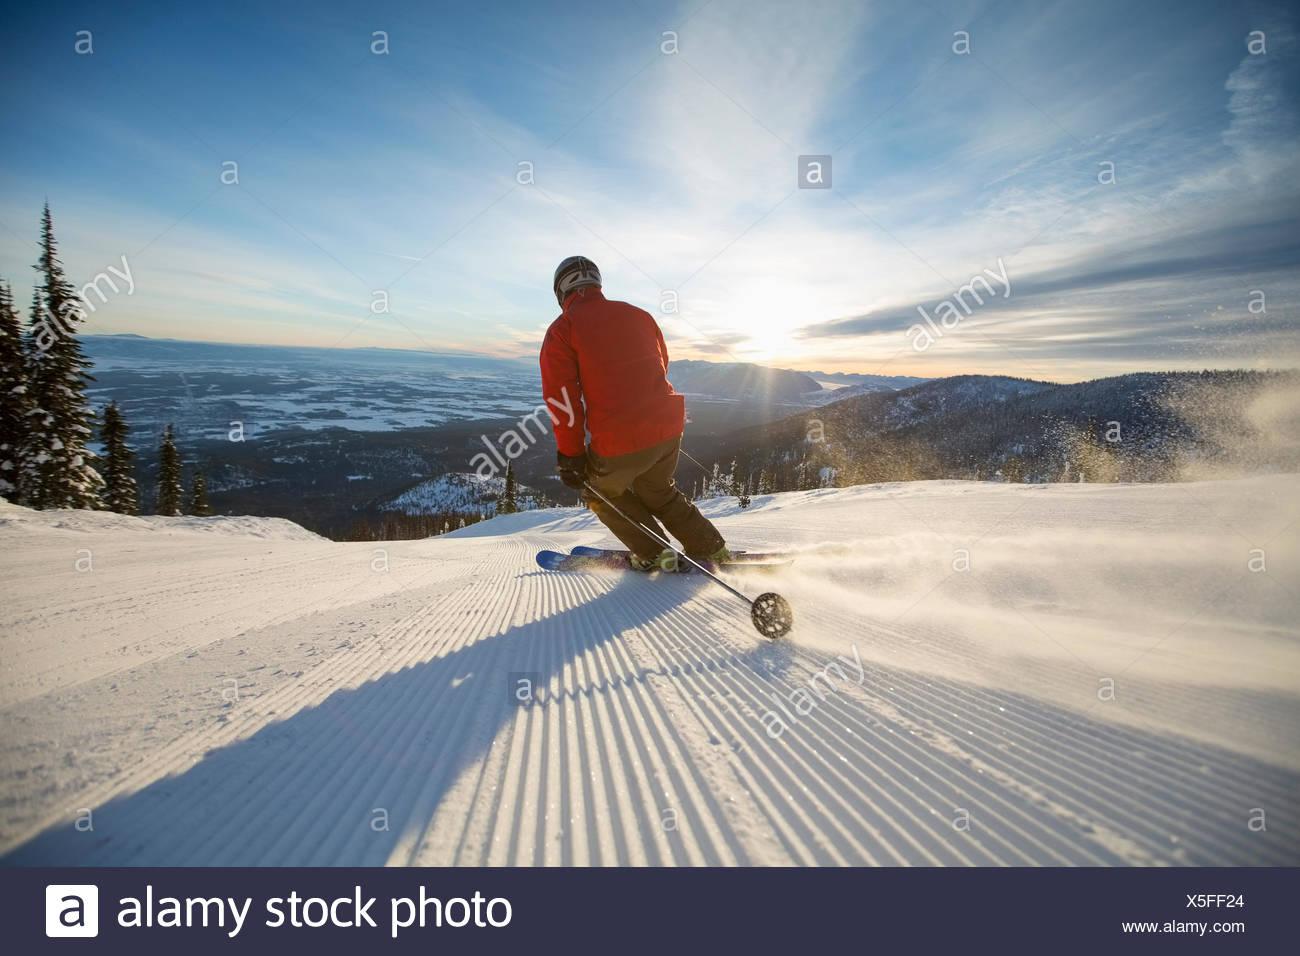 Reifer Mann auf Skipiste bei Sonnenuntergang Stockbild